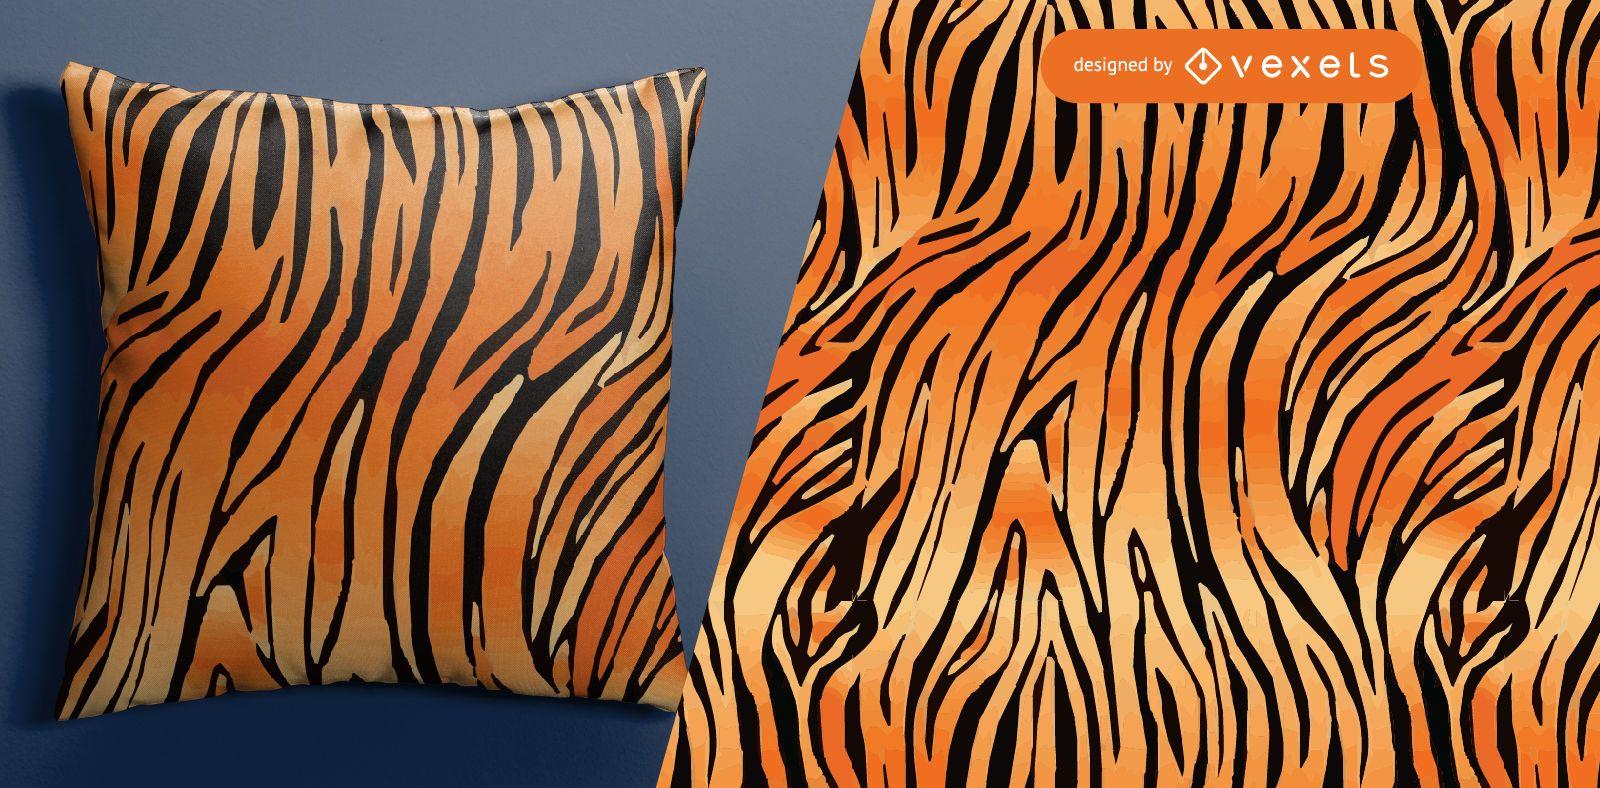 Tiger skin seamless pattern